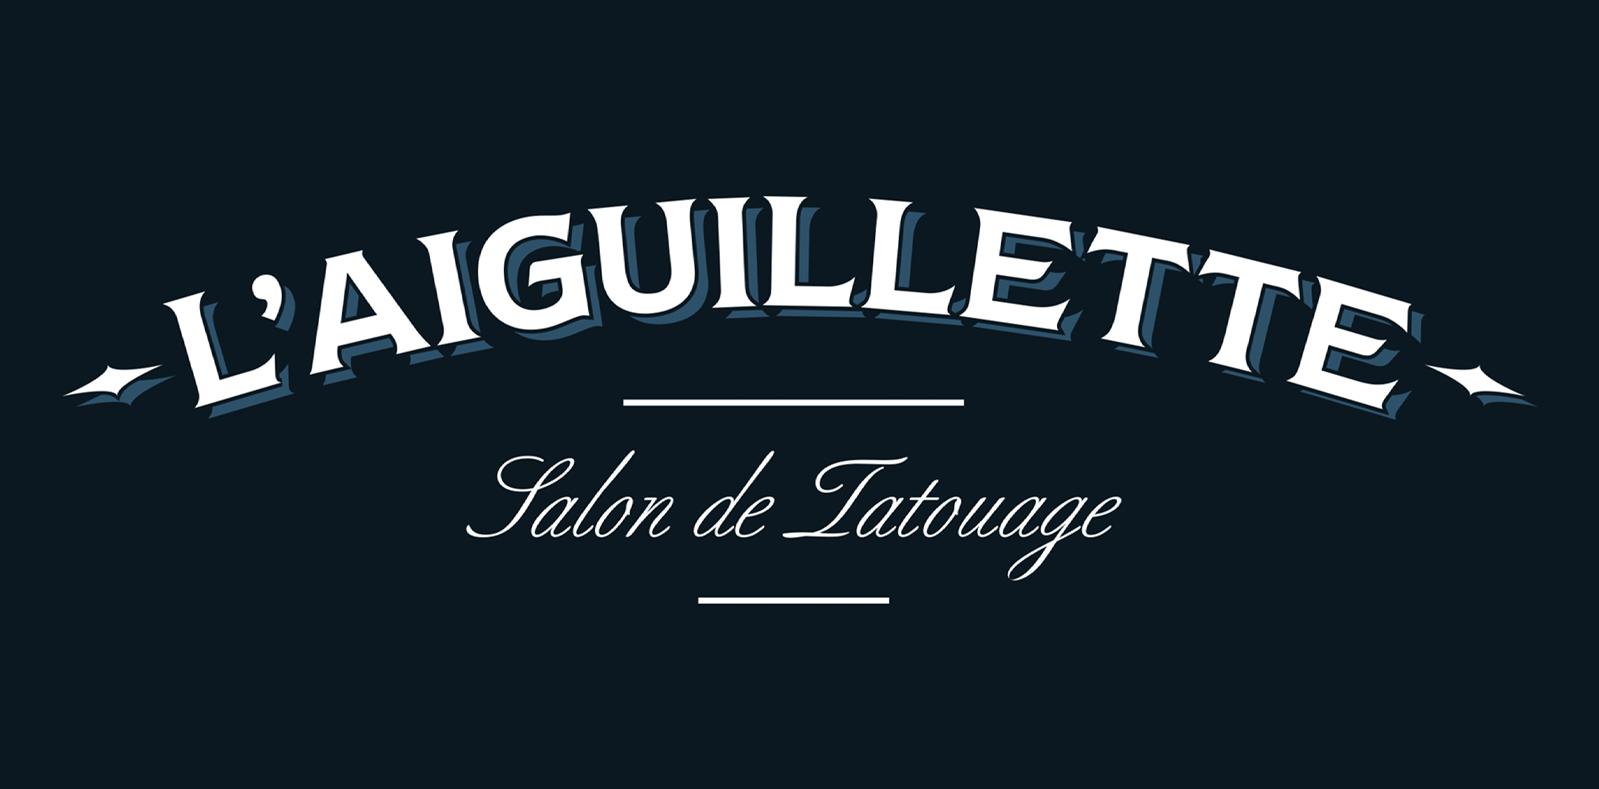 L'Aiguillette